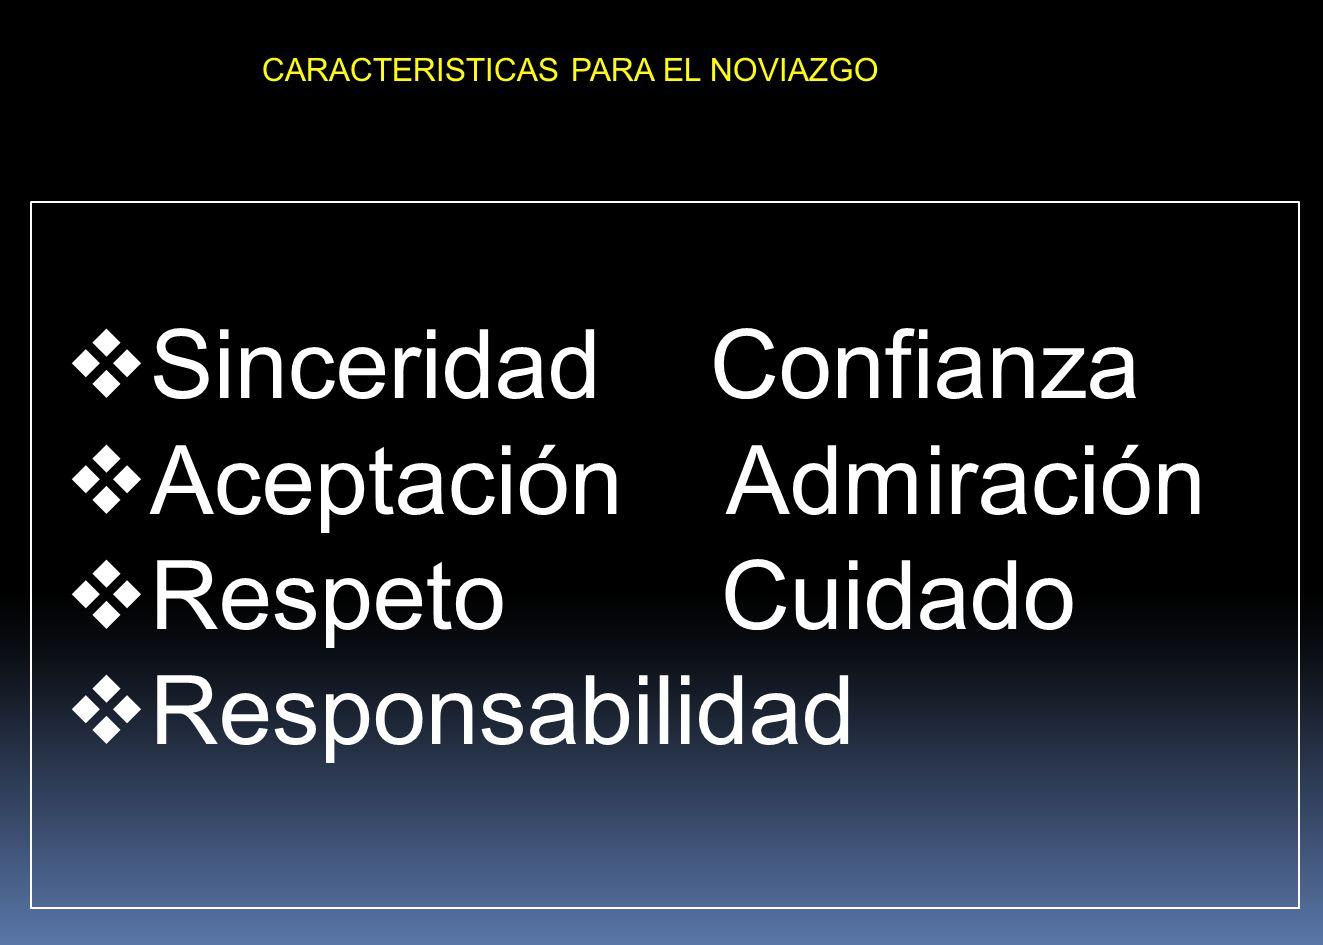 CARACTERISTICAS PARA EL NOVIAZGO